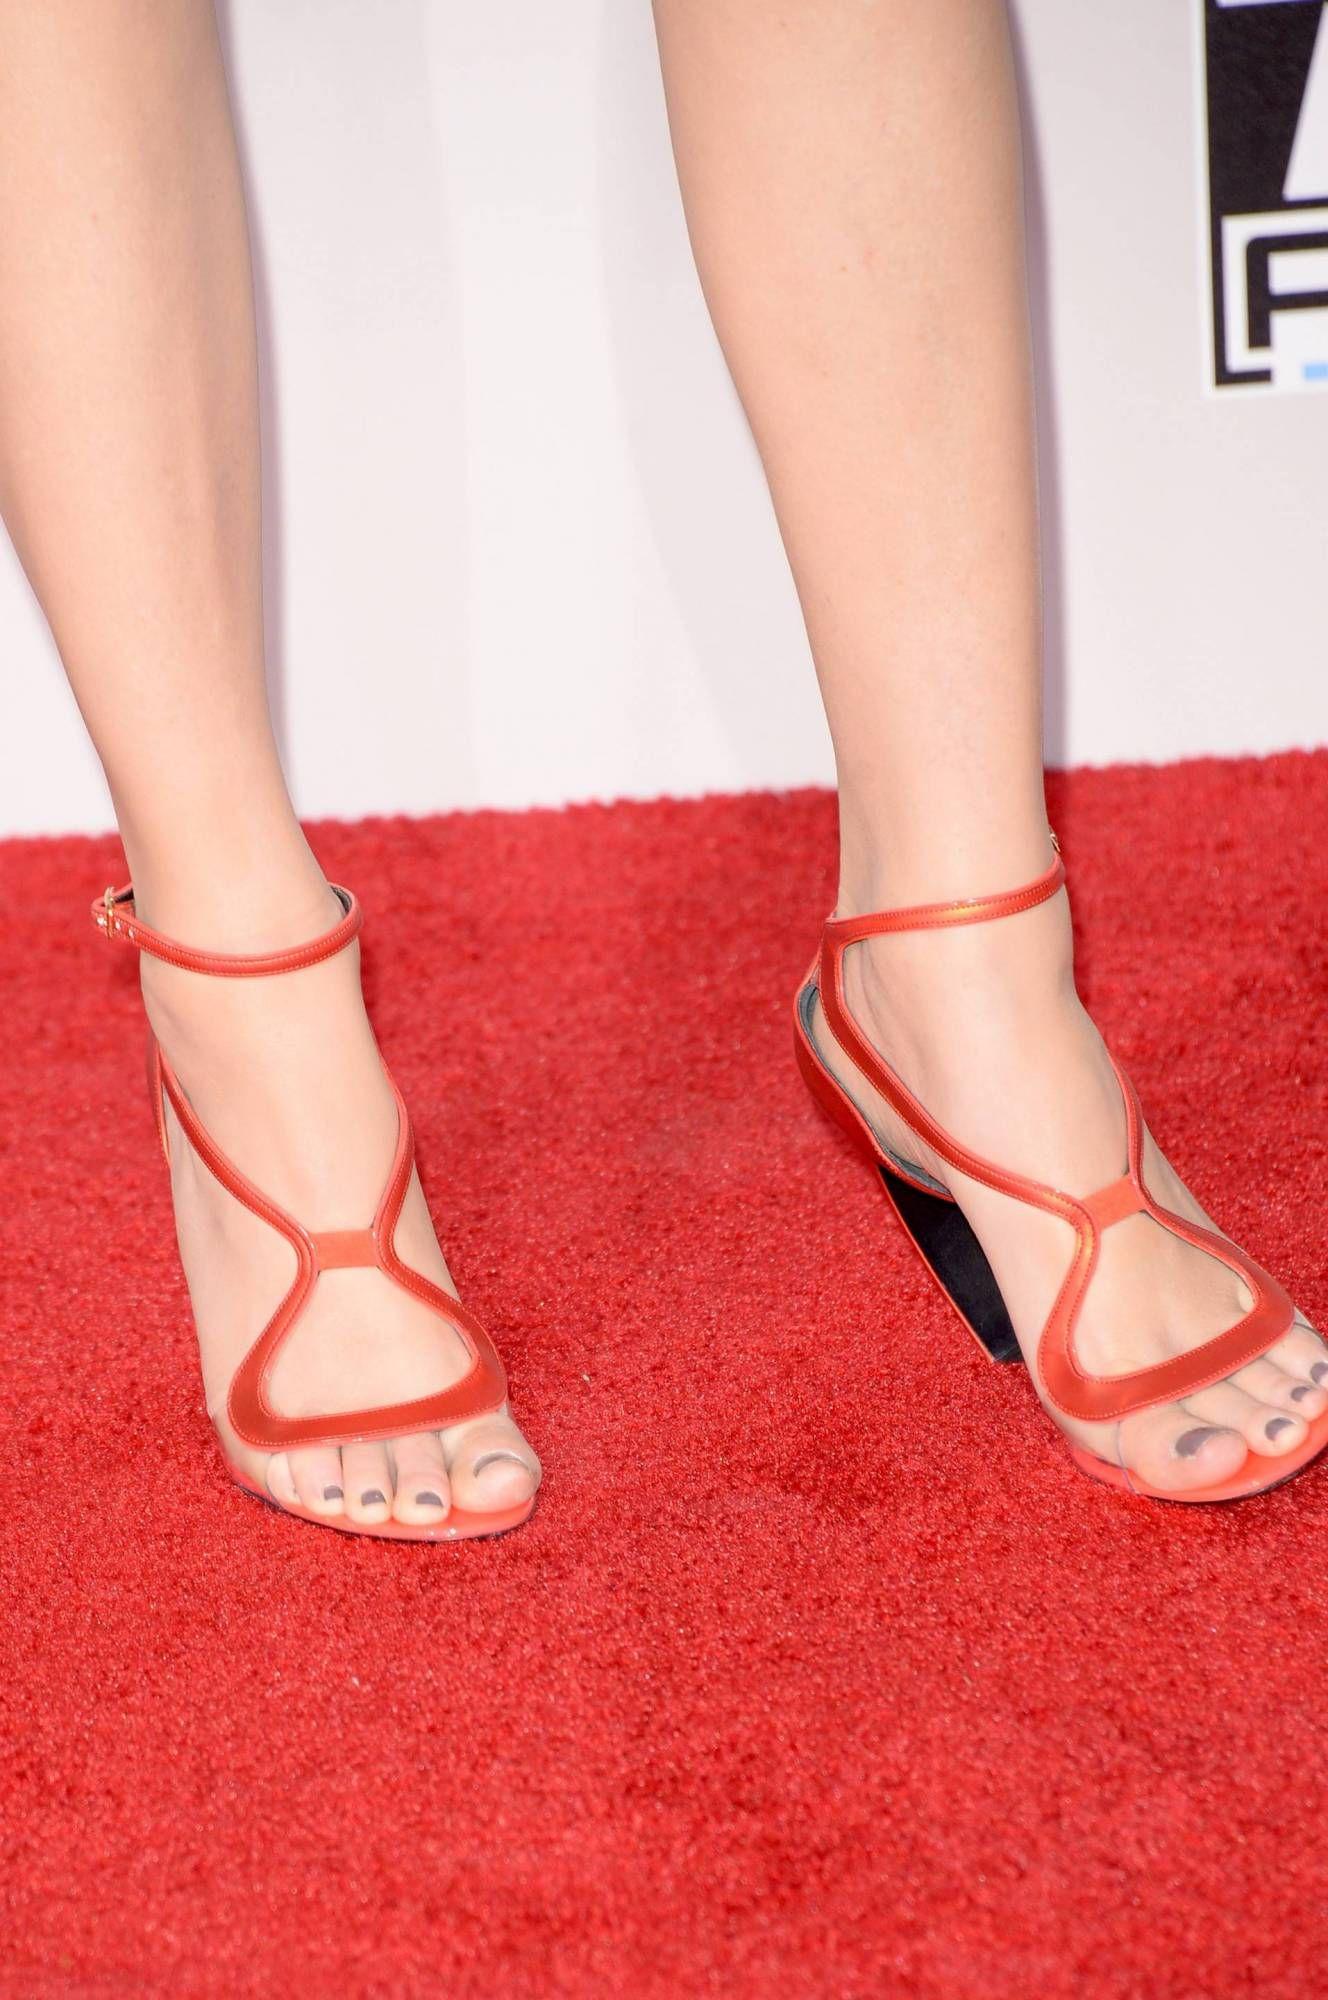 Elizabeth Banks Wikitoes Fashion High Heels Heels Beautiful Feet